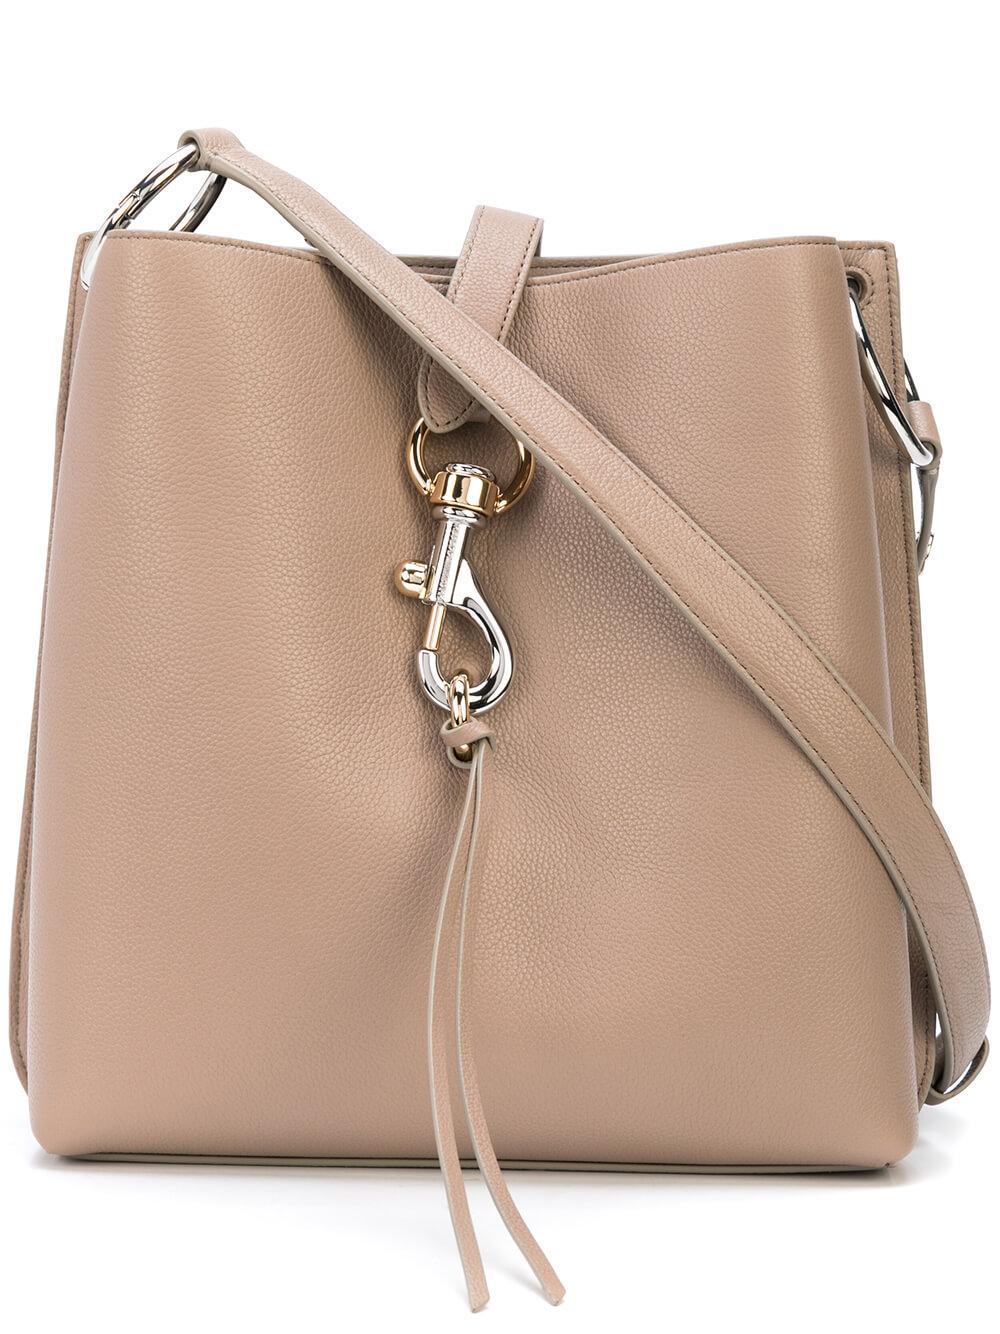 Megan Shoulder Bag Item # HH19HDXD45